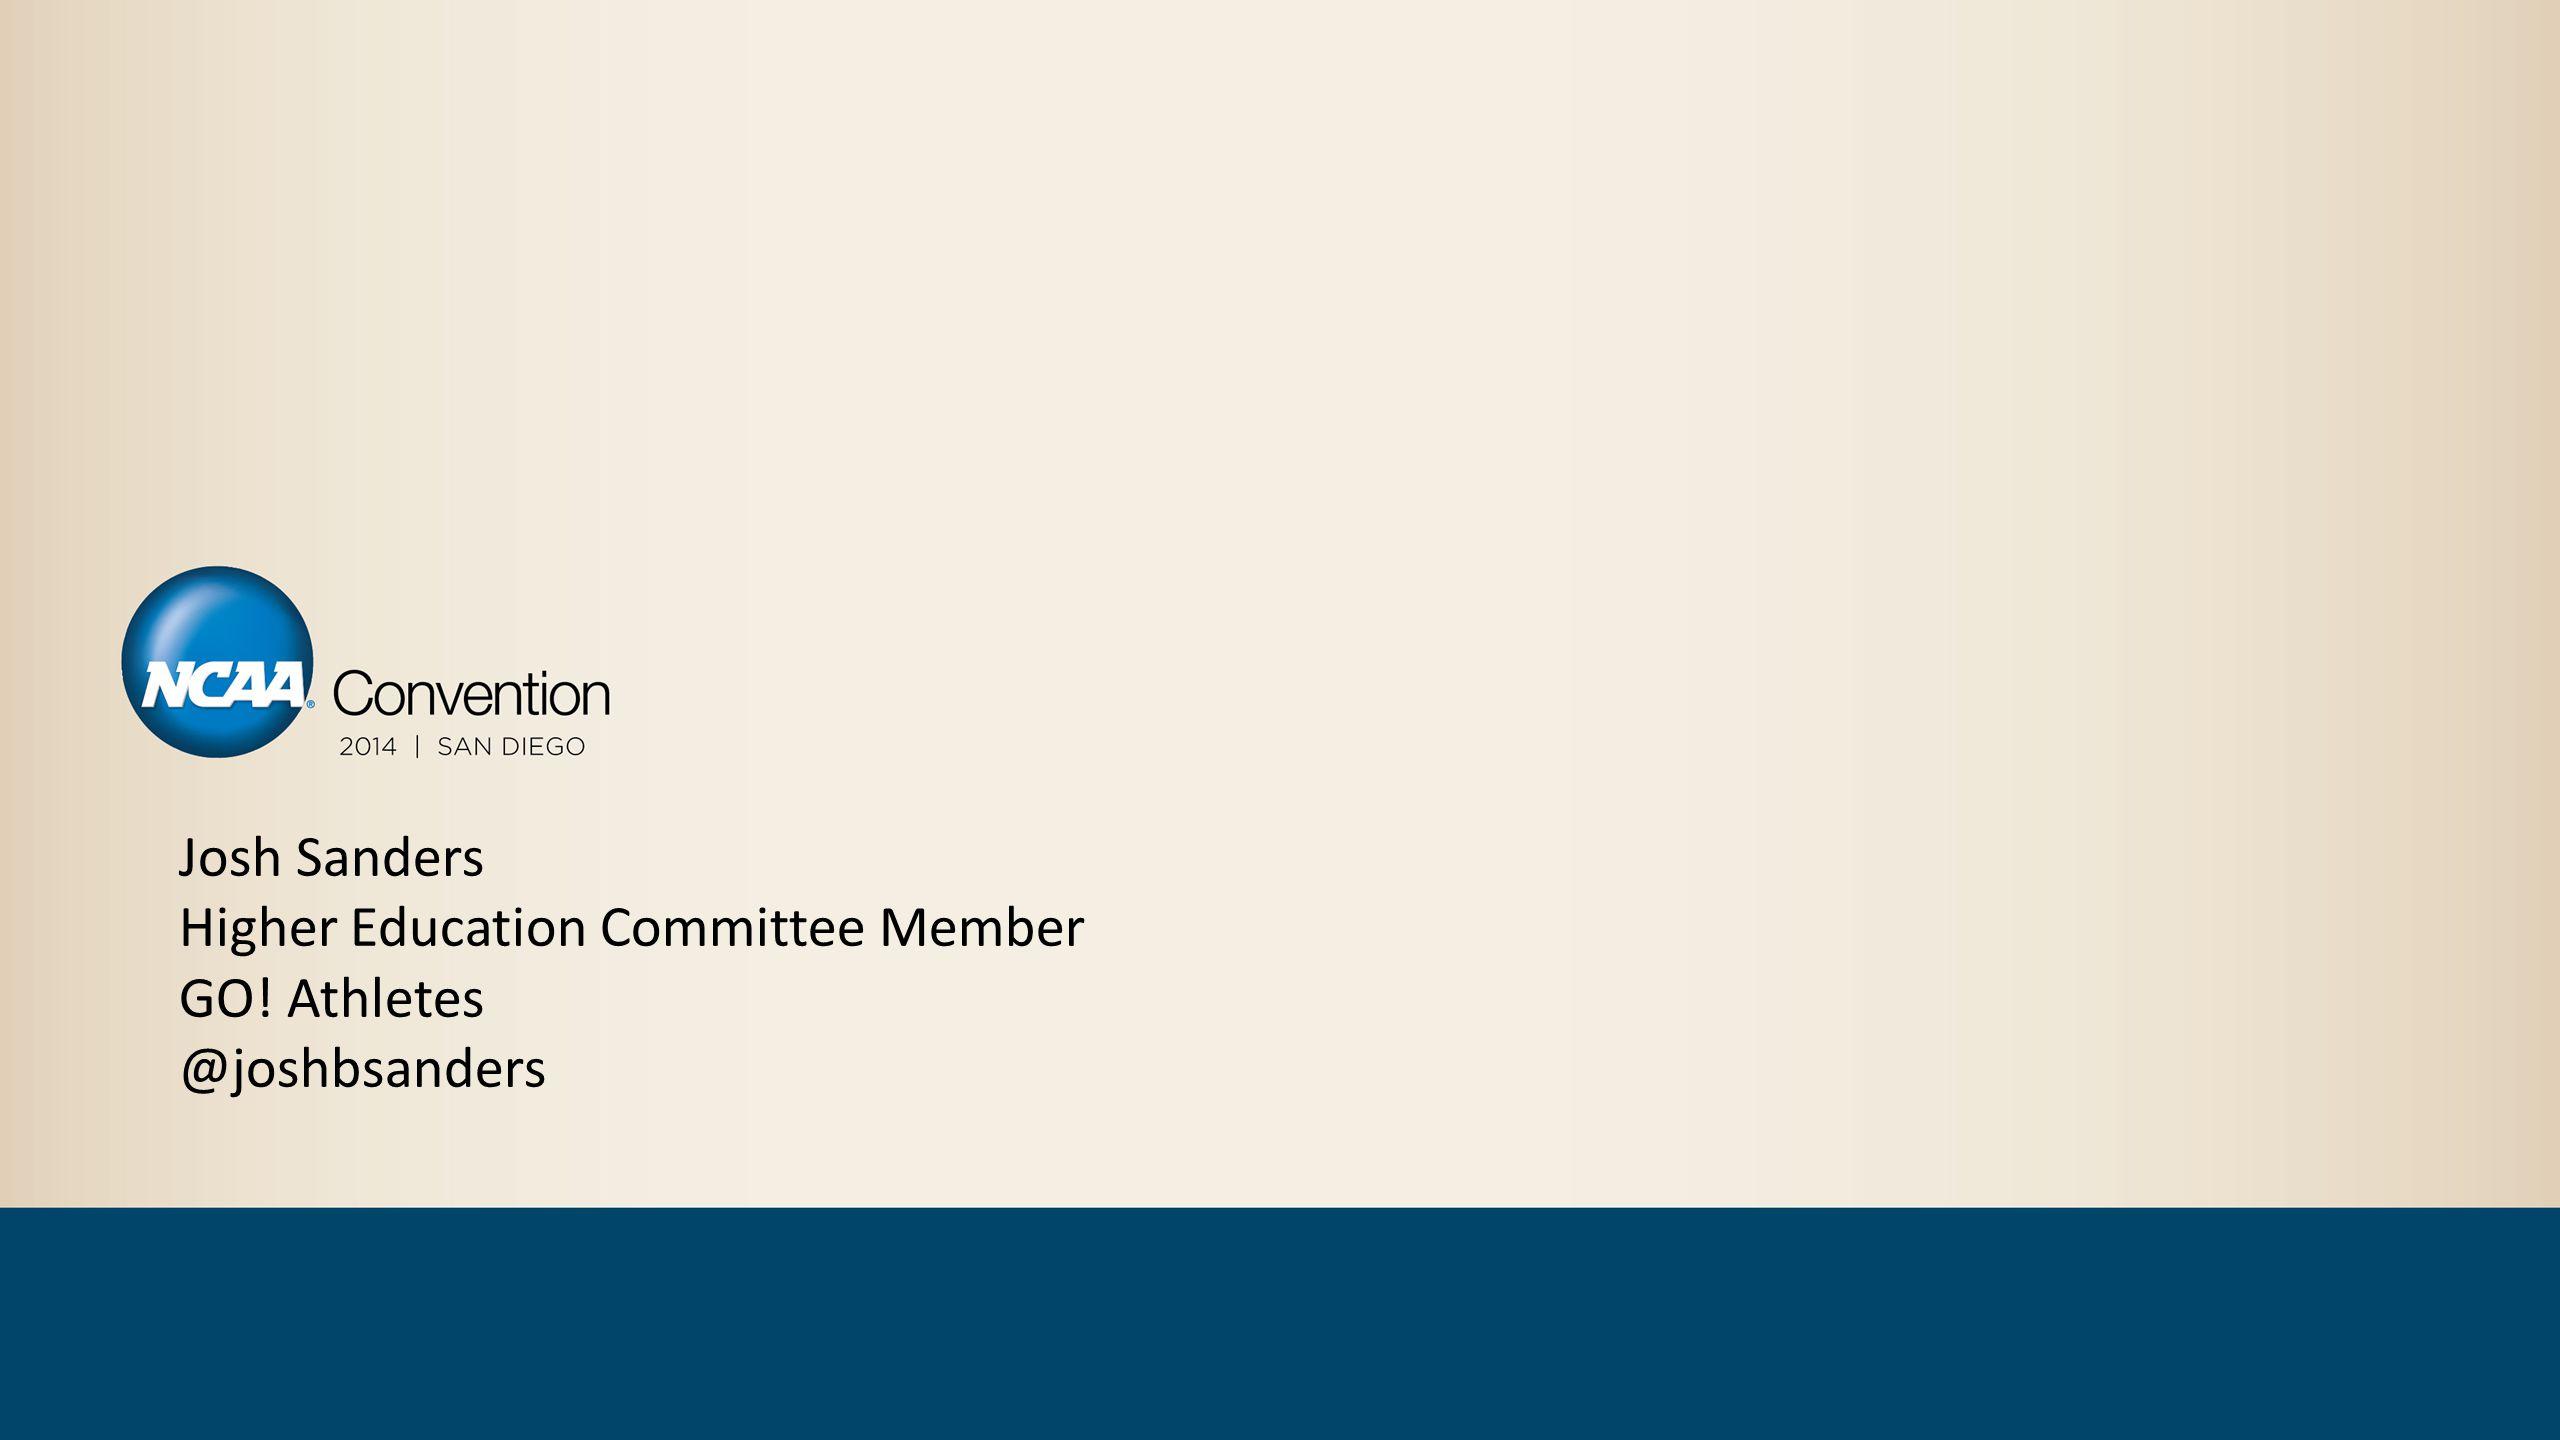 Josh Sanders Higher Education Committee Member GO! Athletes @joshbsanders